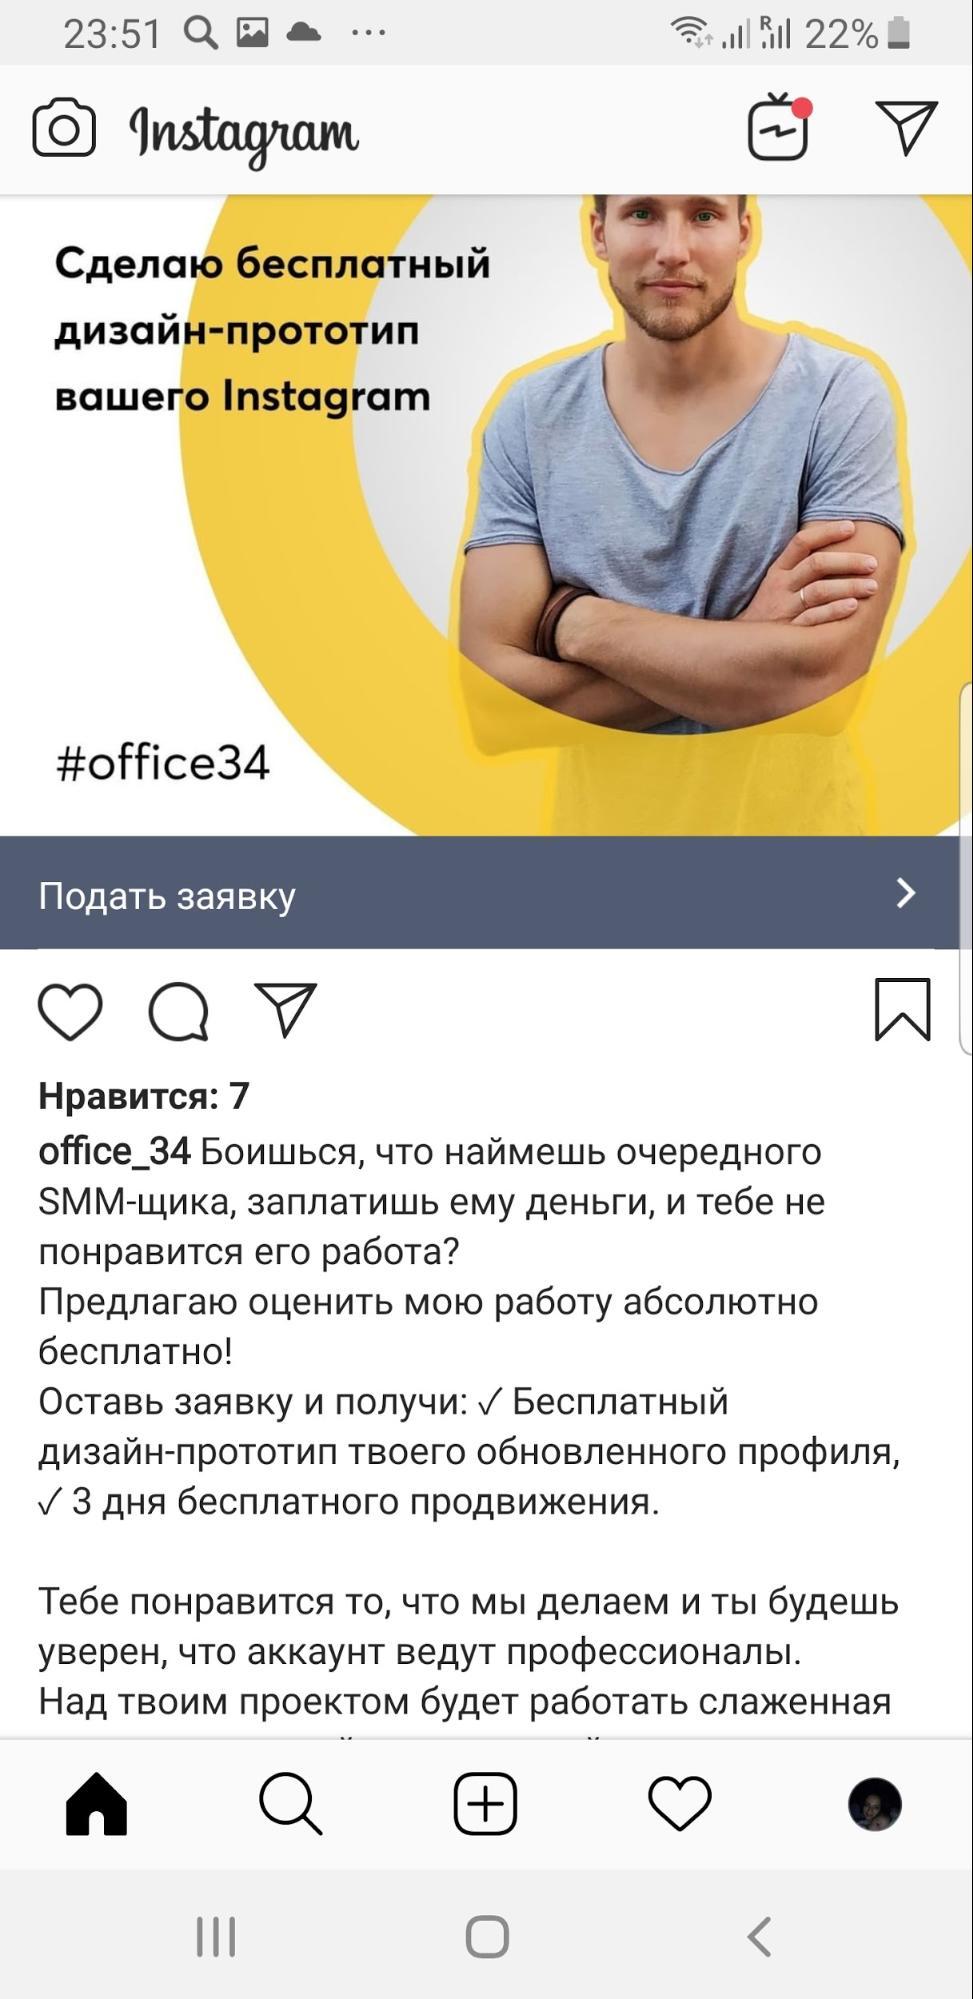 Информация под постом в Инстаграм